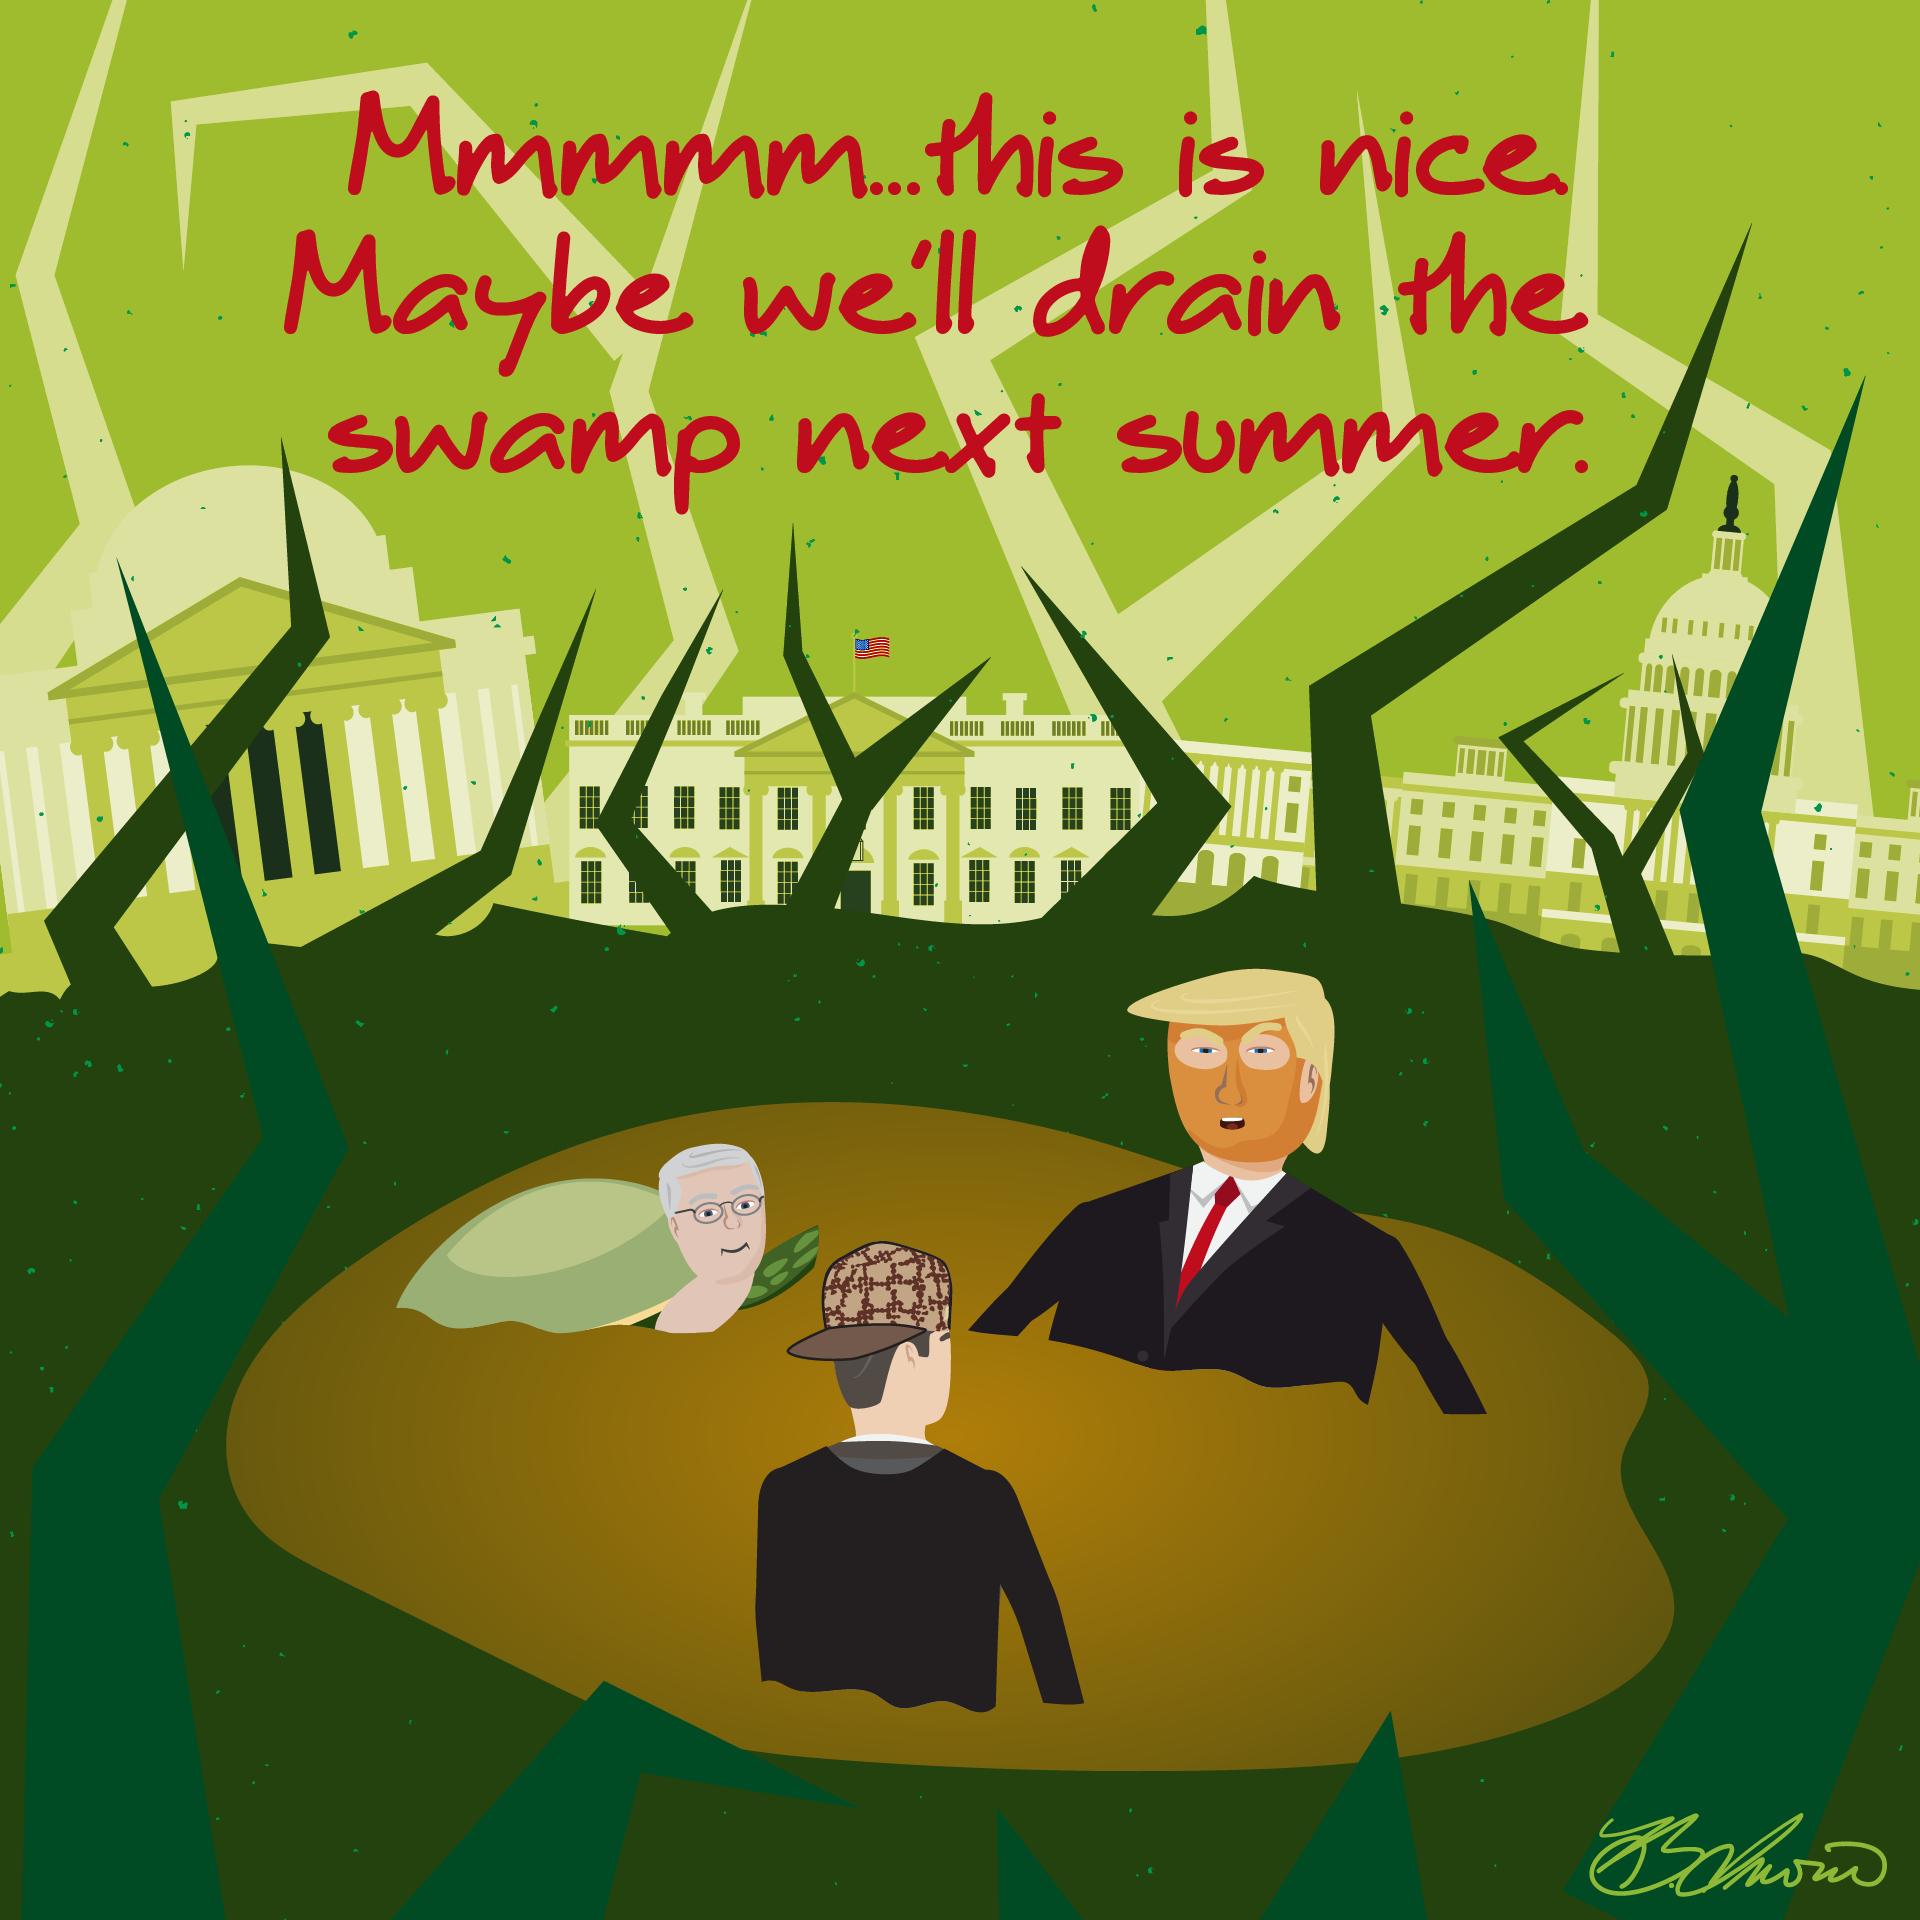 2019.03.08_Swamp Creatures_Panel01-Instagram.png